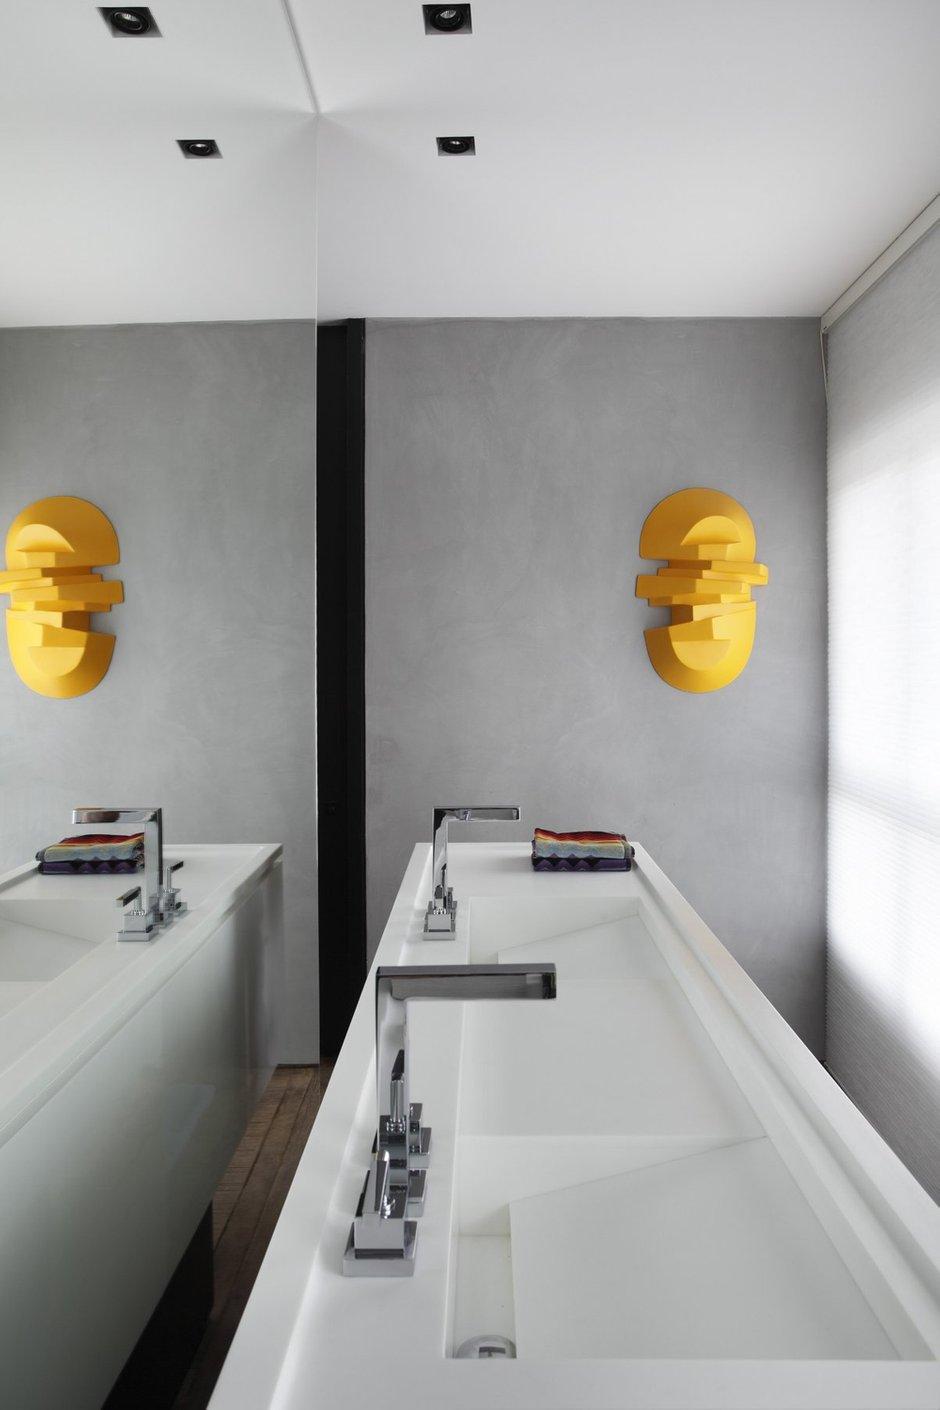 Фотография: Ванная в стиле Современный, Дом, Цвет в интерьере, Дома и квартиры, Серый, Бразилия, Пол, Сан-Паулу – фото на INMYROOM